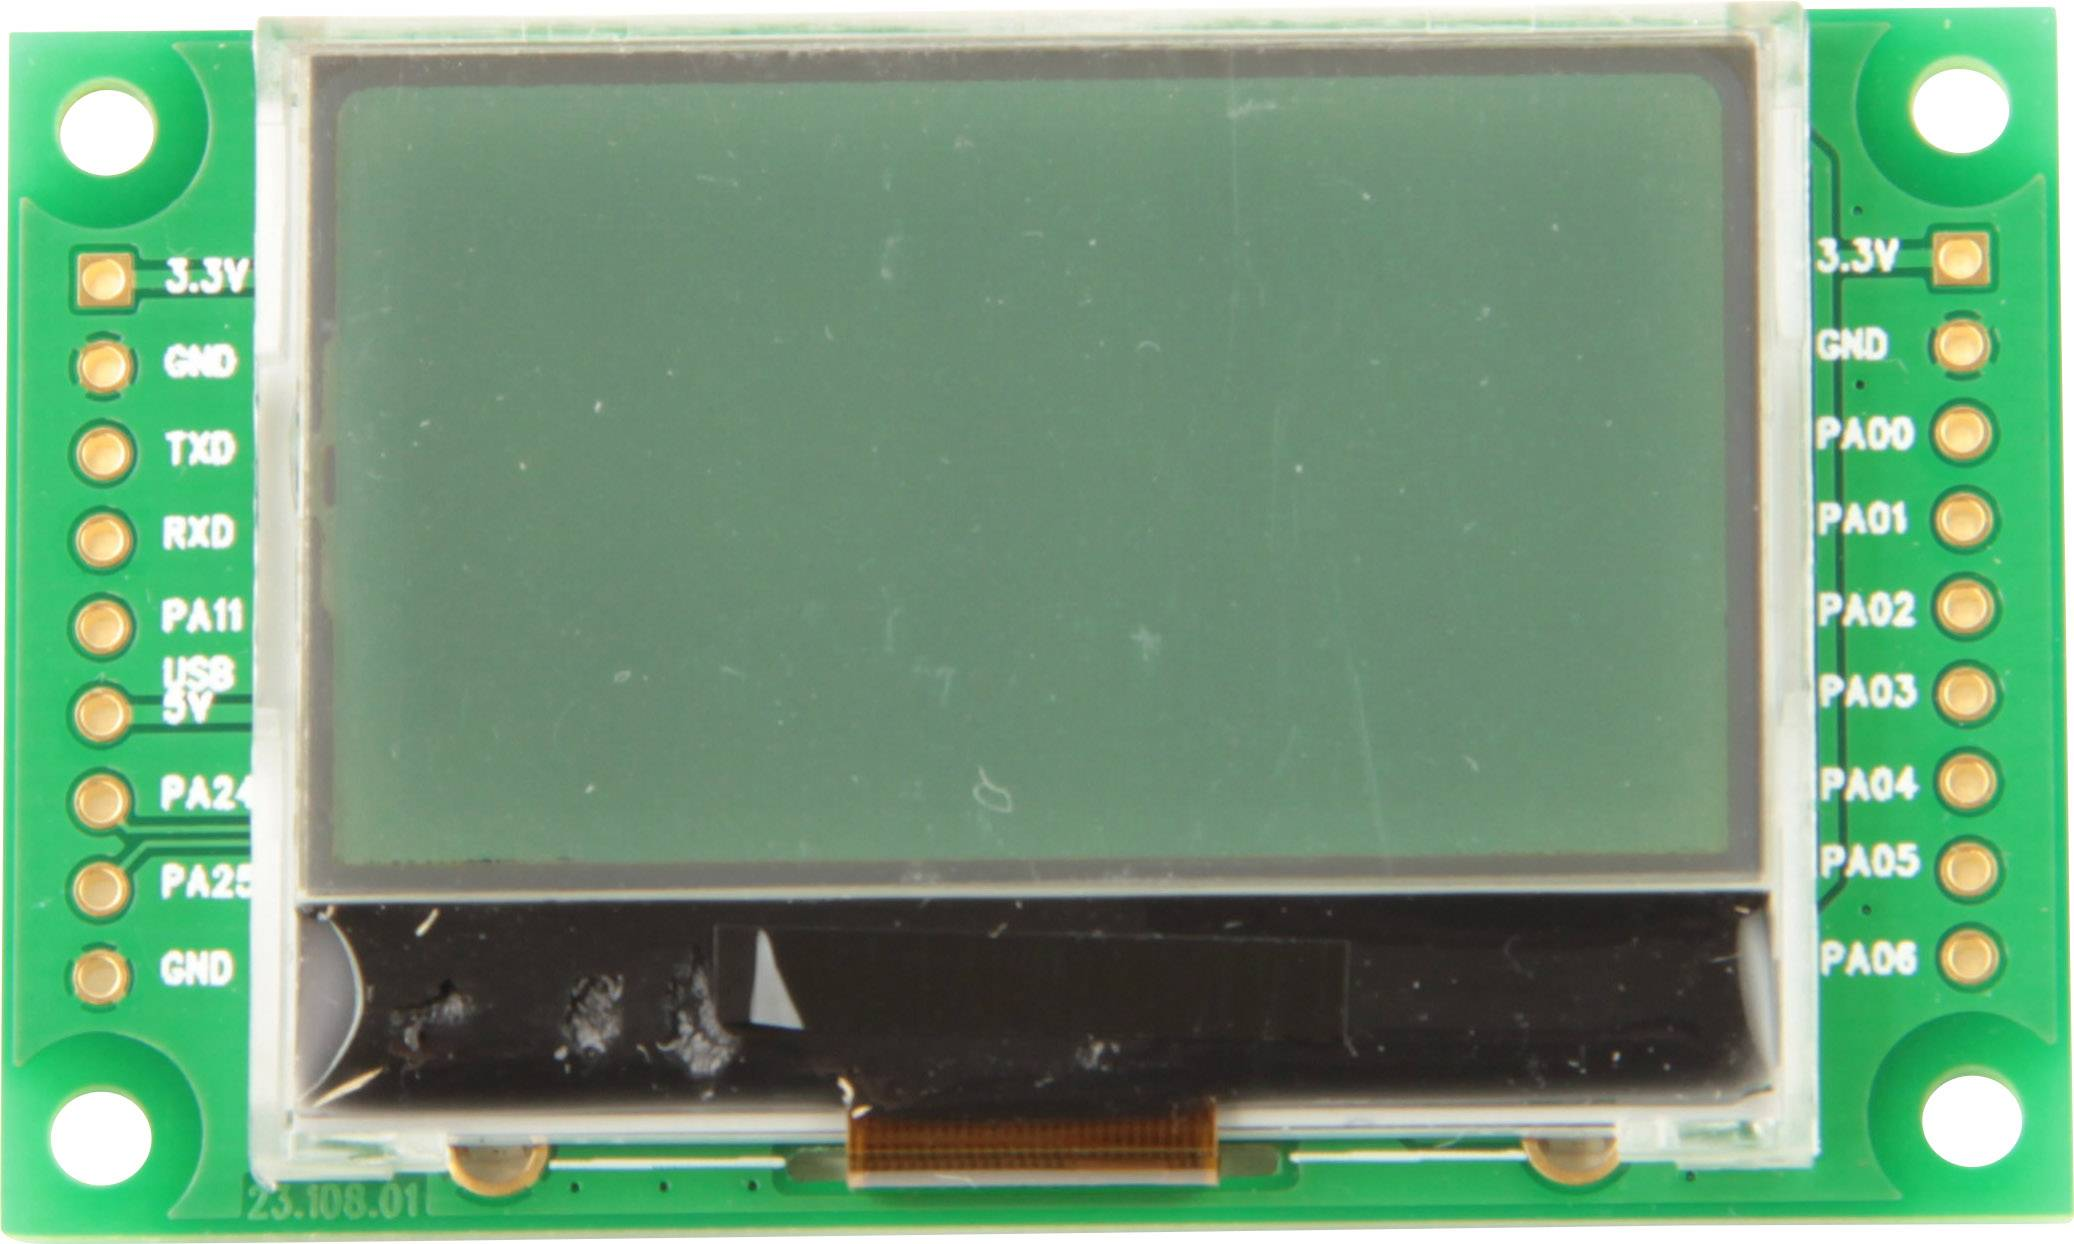 LCD displej Taskit LCD_Term12 545959, 128 x 64 pix, (š x v x h) 49.1 x 5.5 x 25 mm, černá, světle zelená